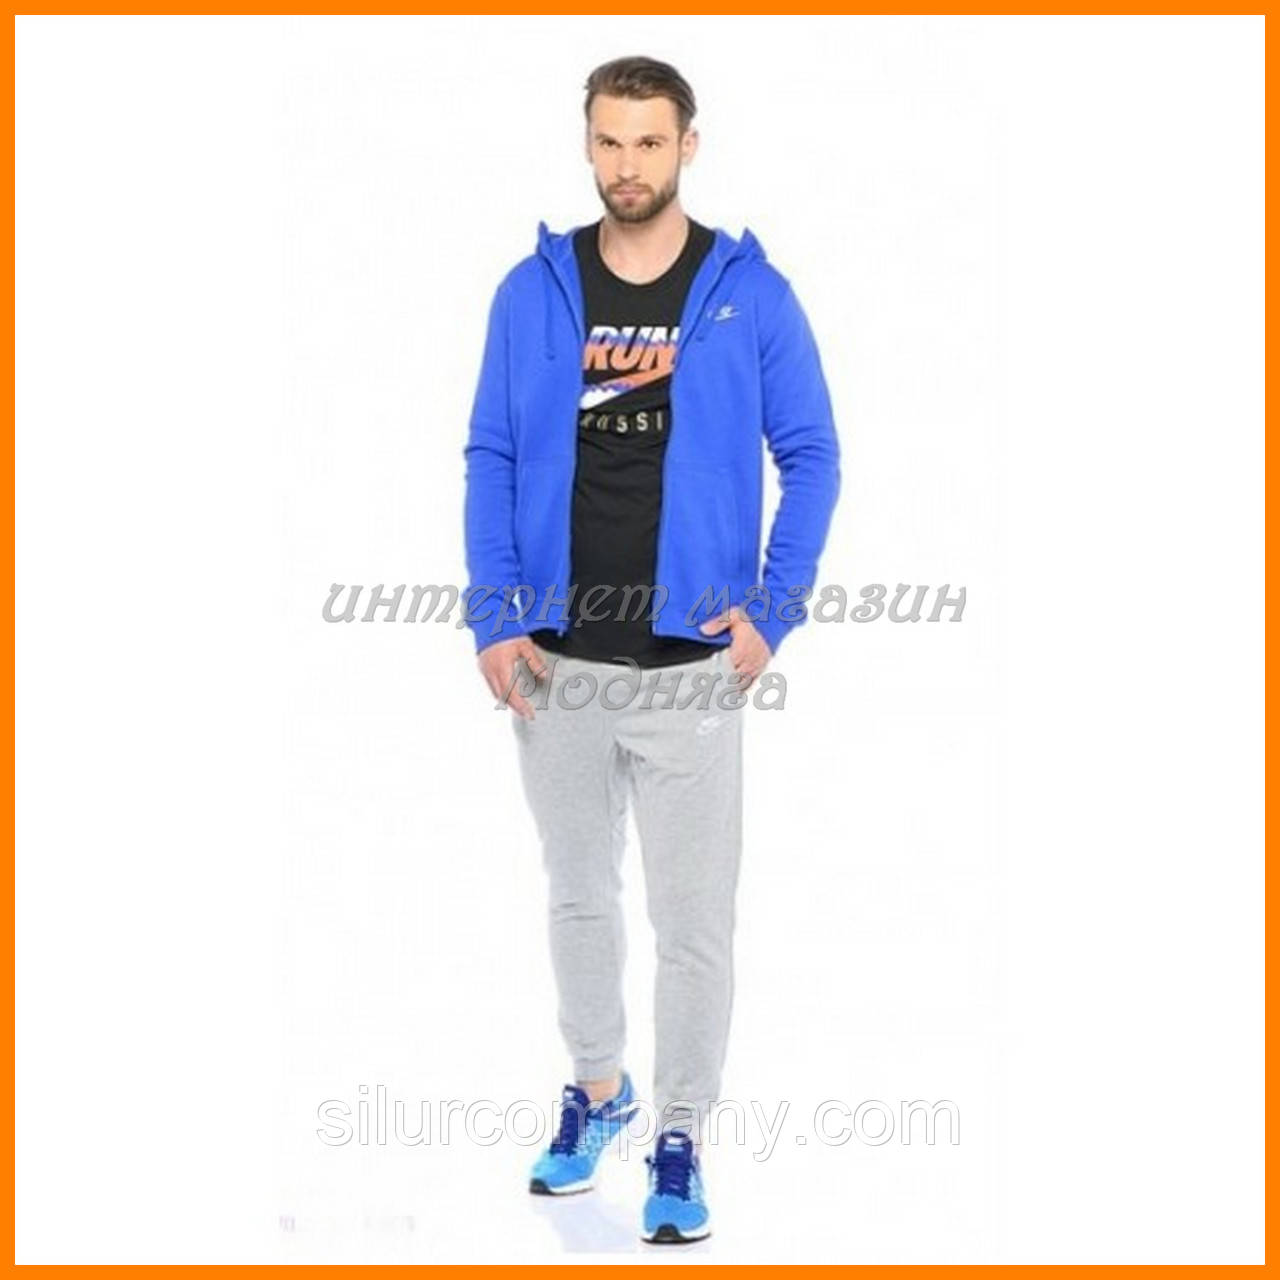 024887ea Спортивный костюм Nike синяя кофта и серые штаны: продажа, цена в ...